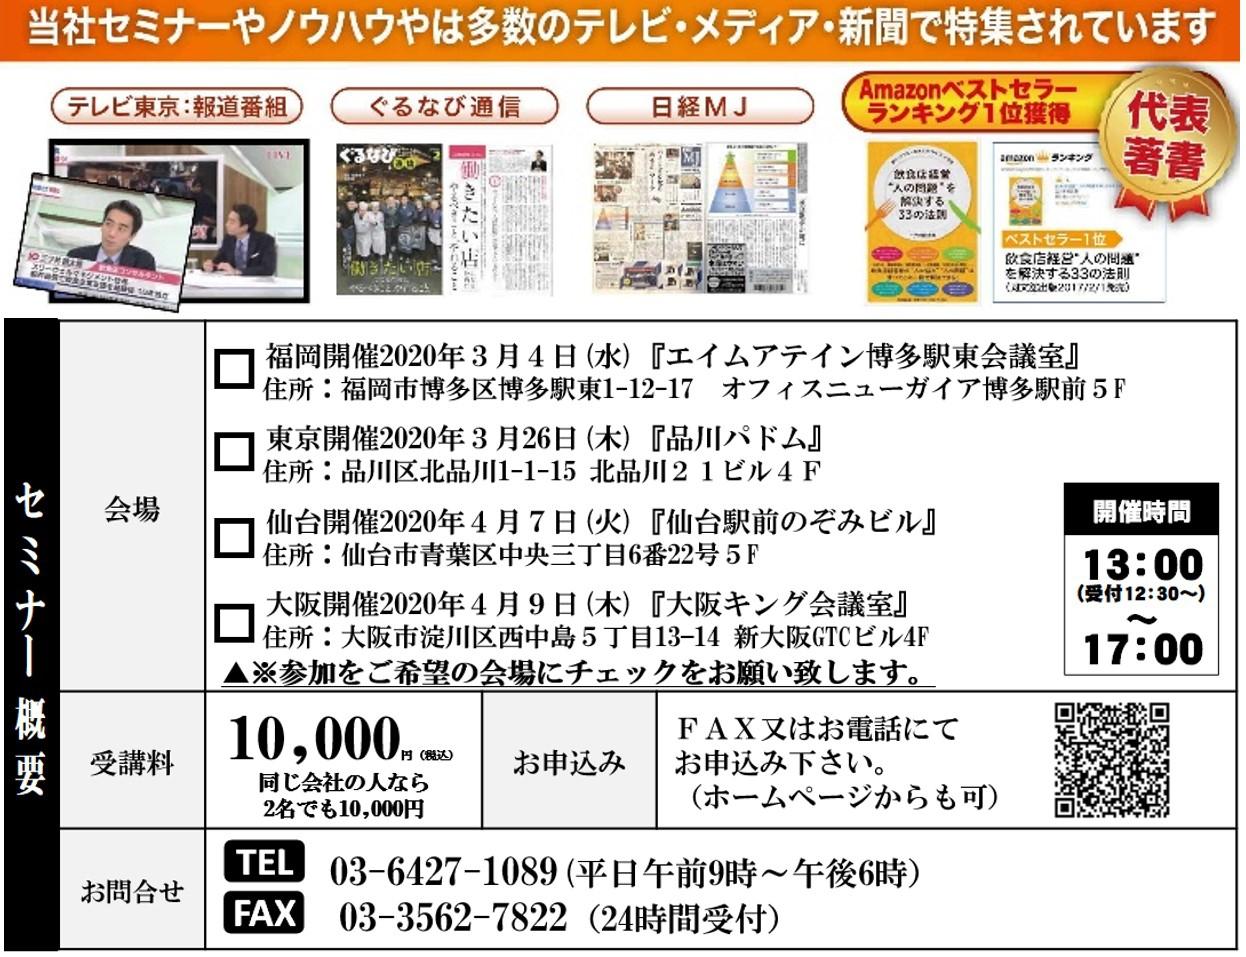 【東京会場】2020年働き方改革&業績アップセミナー